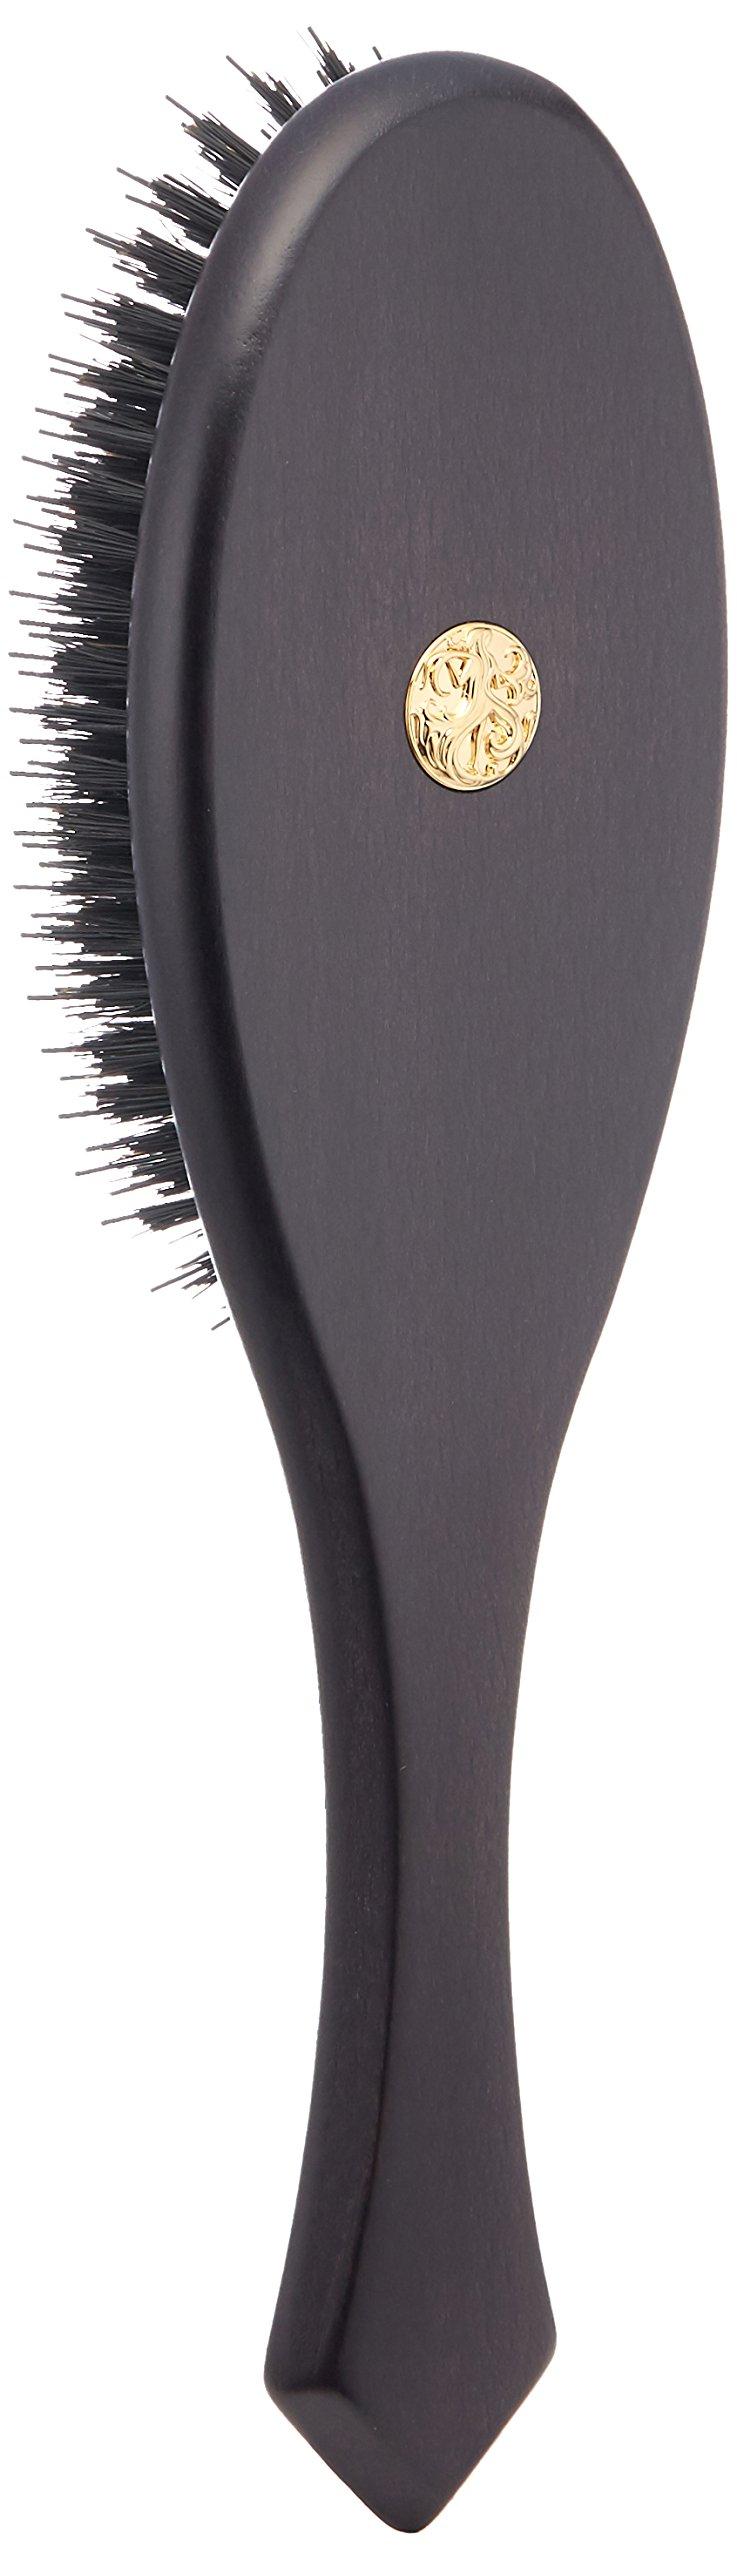 ORIBE Flat Brush by ORIBE (Image #4)